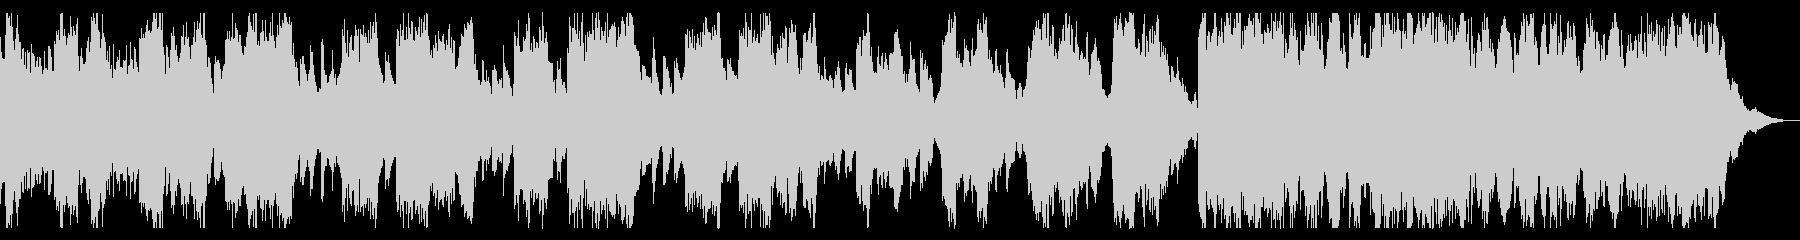 ピアノとストリングス 切ないダークな曲の未再生の波形